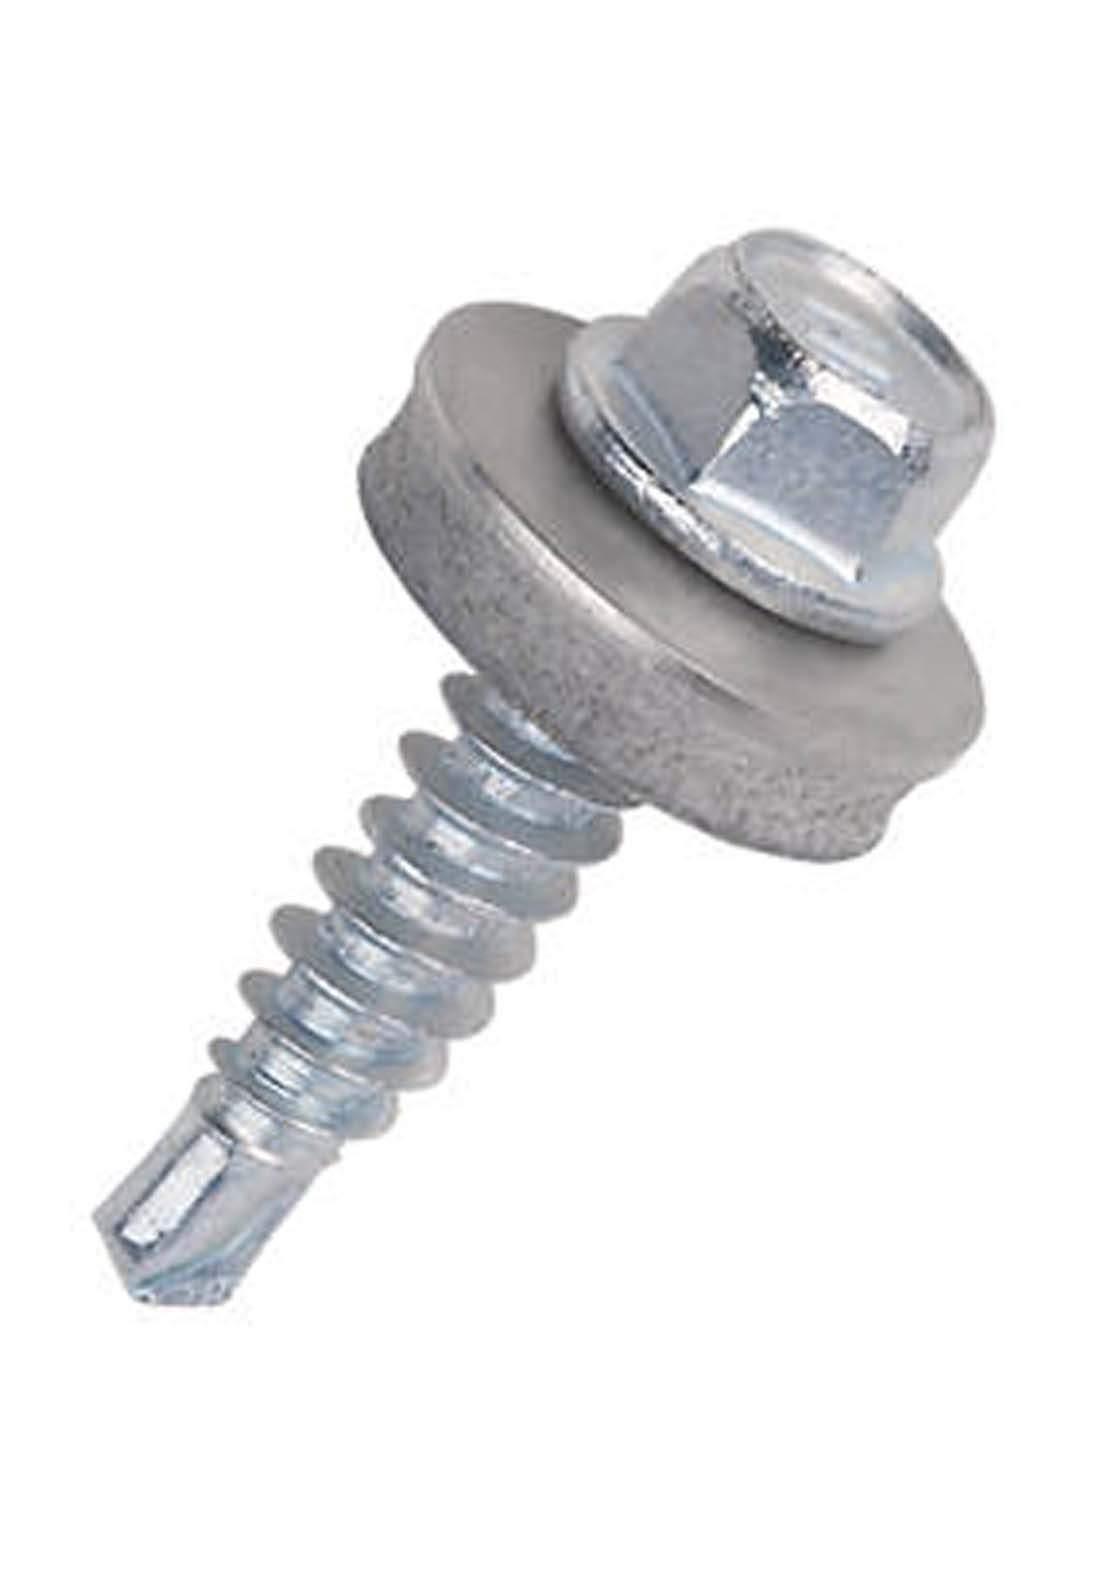 Patta Self Drilling Screw Hex Washer Head 6.3*25 mm  برغي برينة